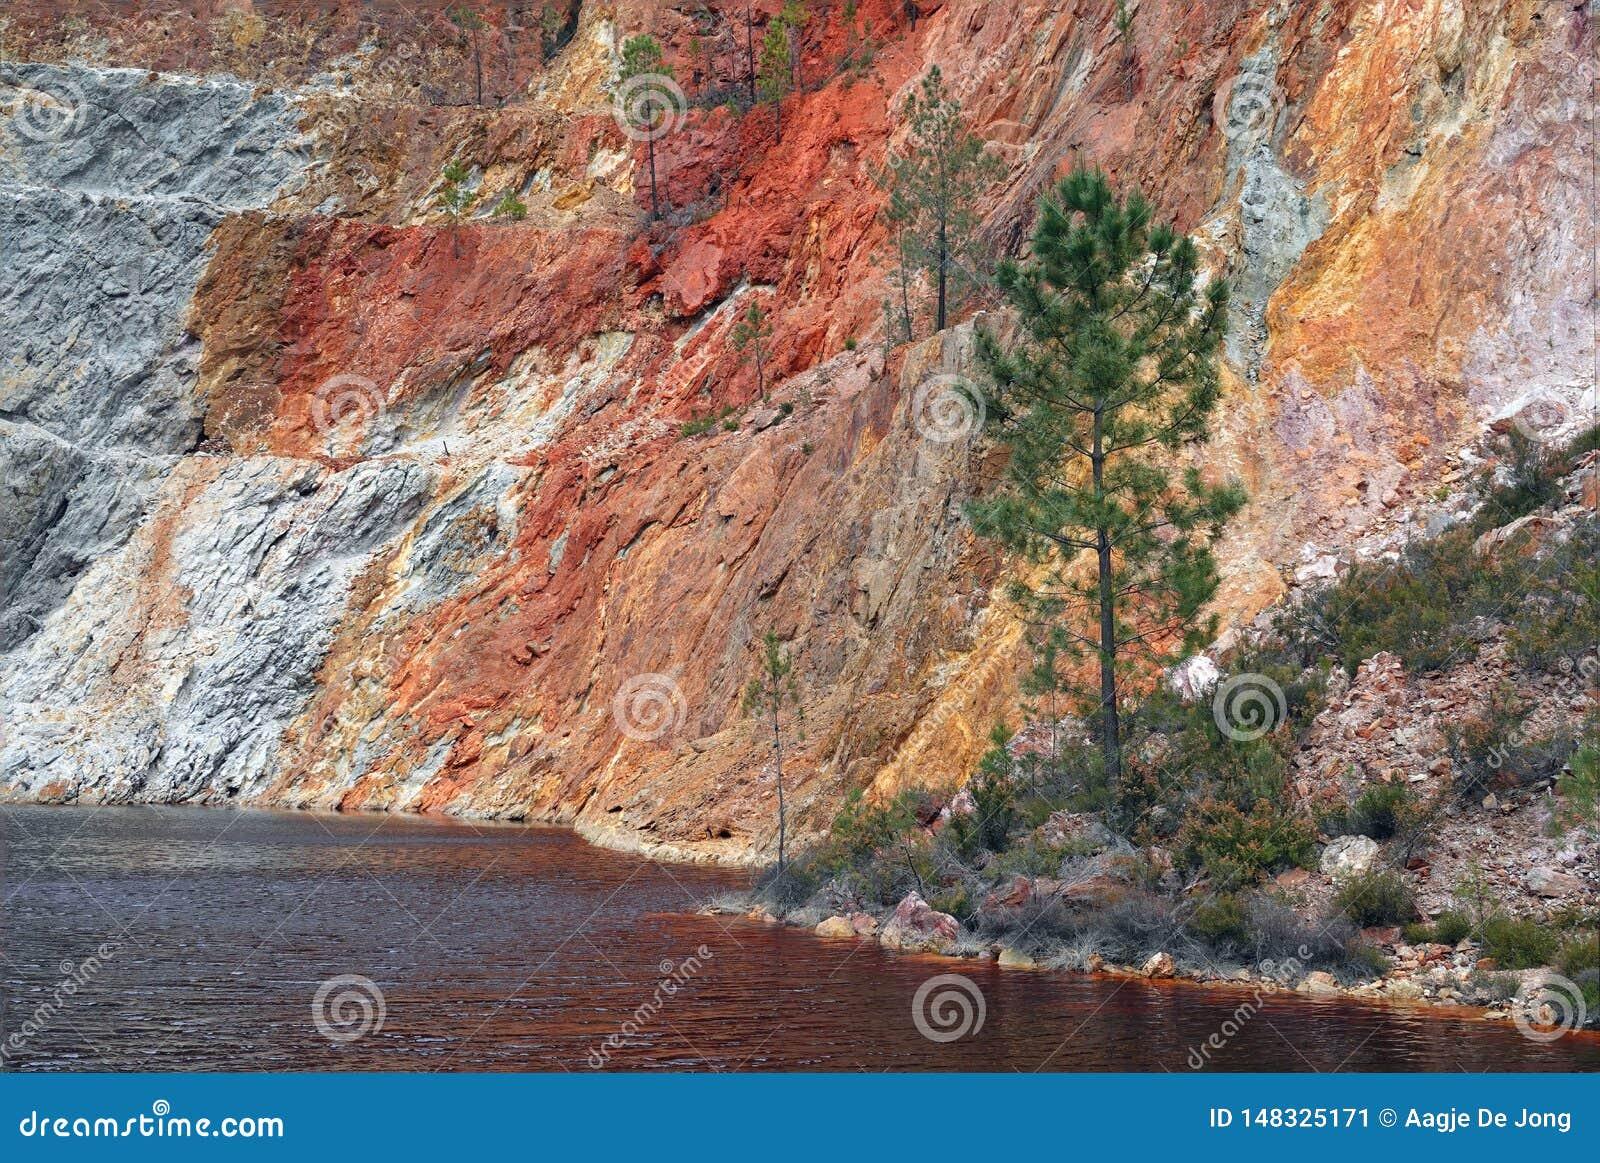 Rio Tinto-het meer van de mijnkrater dichtbij Nerva in Spanje